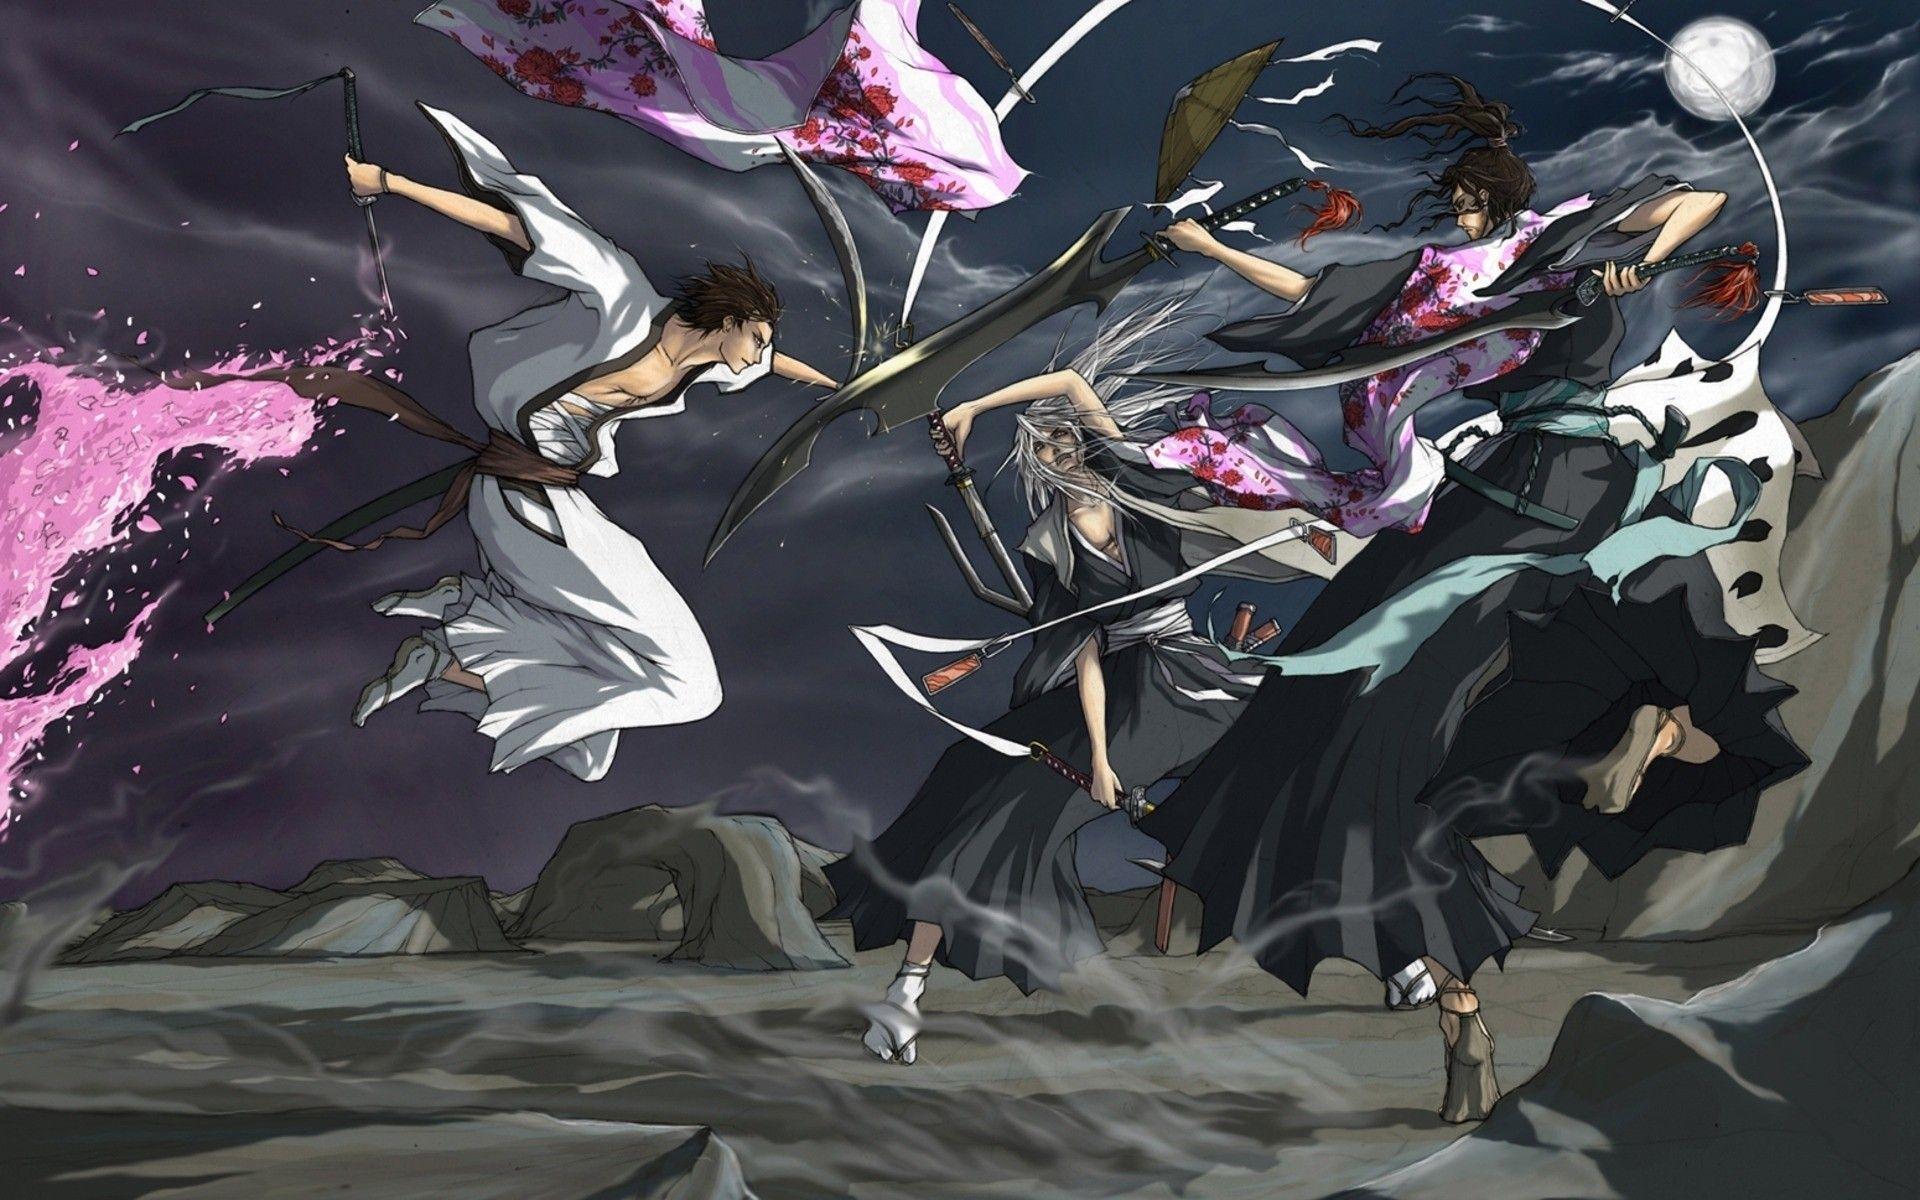 Bleach Aizen Wallpapers - Top Free Bleach Aizen Backgrounds